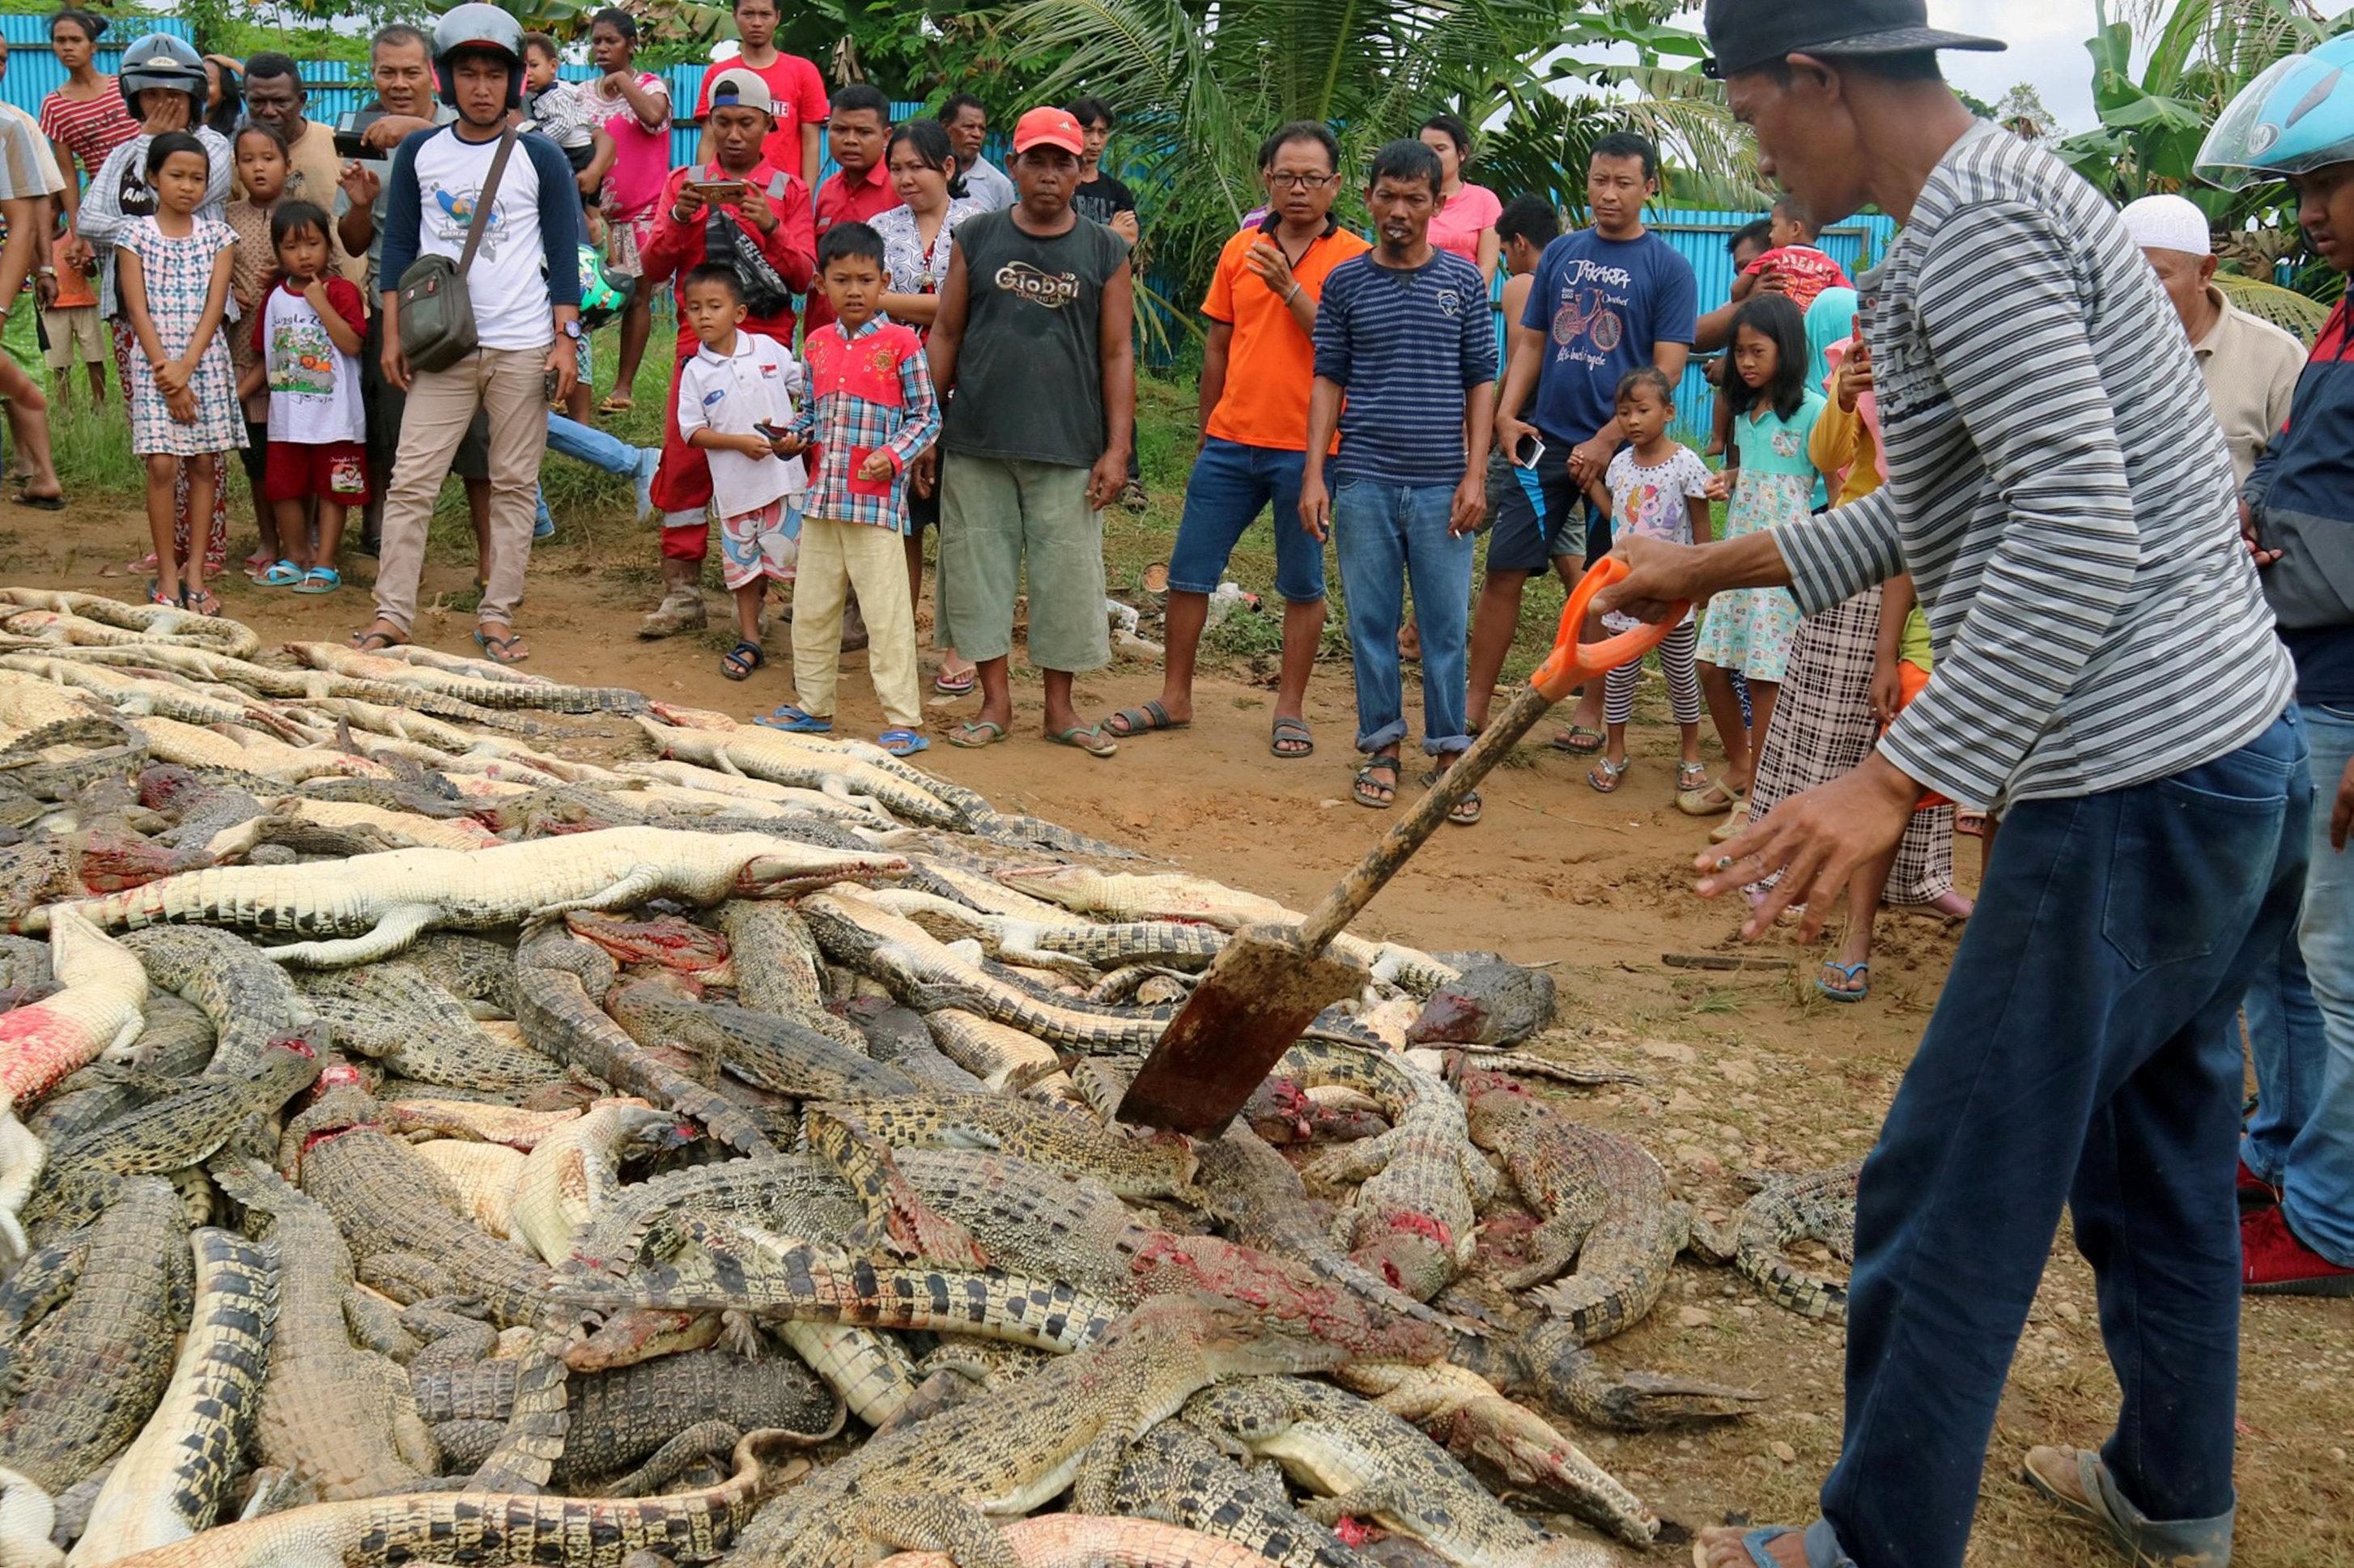 Los cadáveres de cientos de cocodrilos asesinados en Indonesia por la muerte de un humano